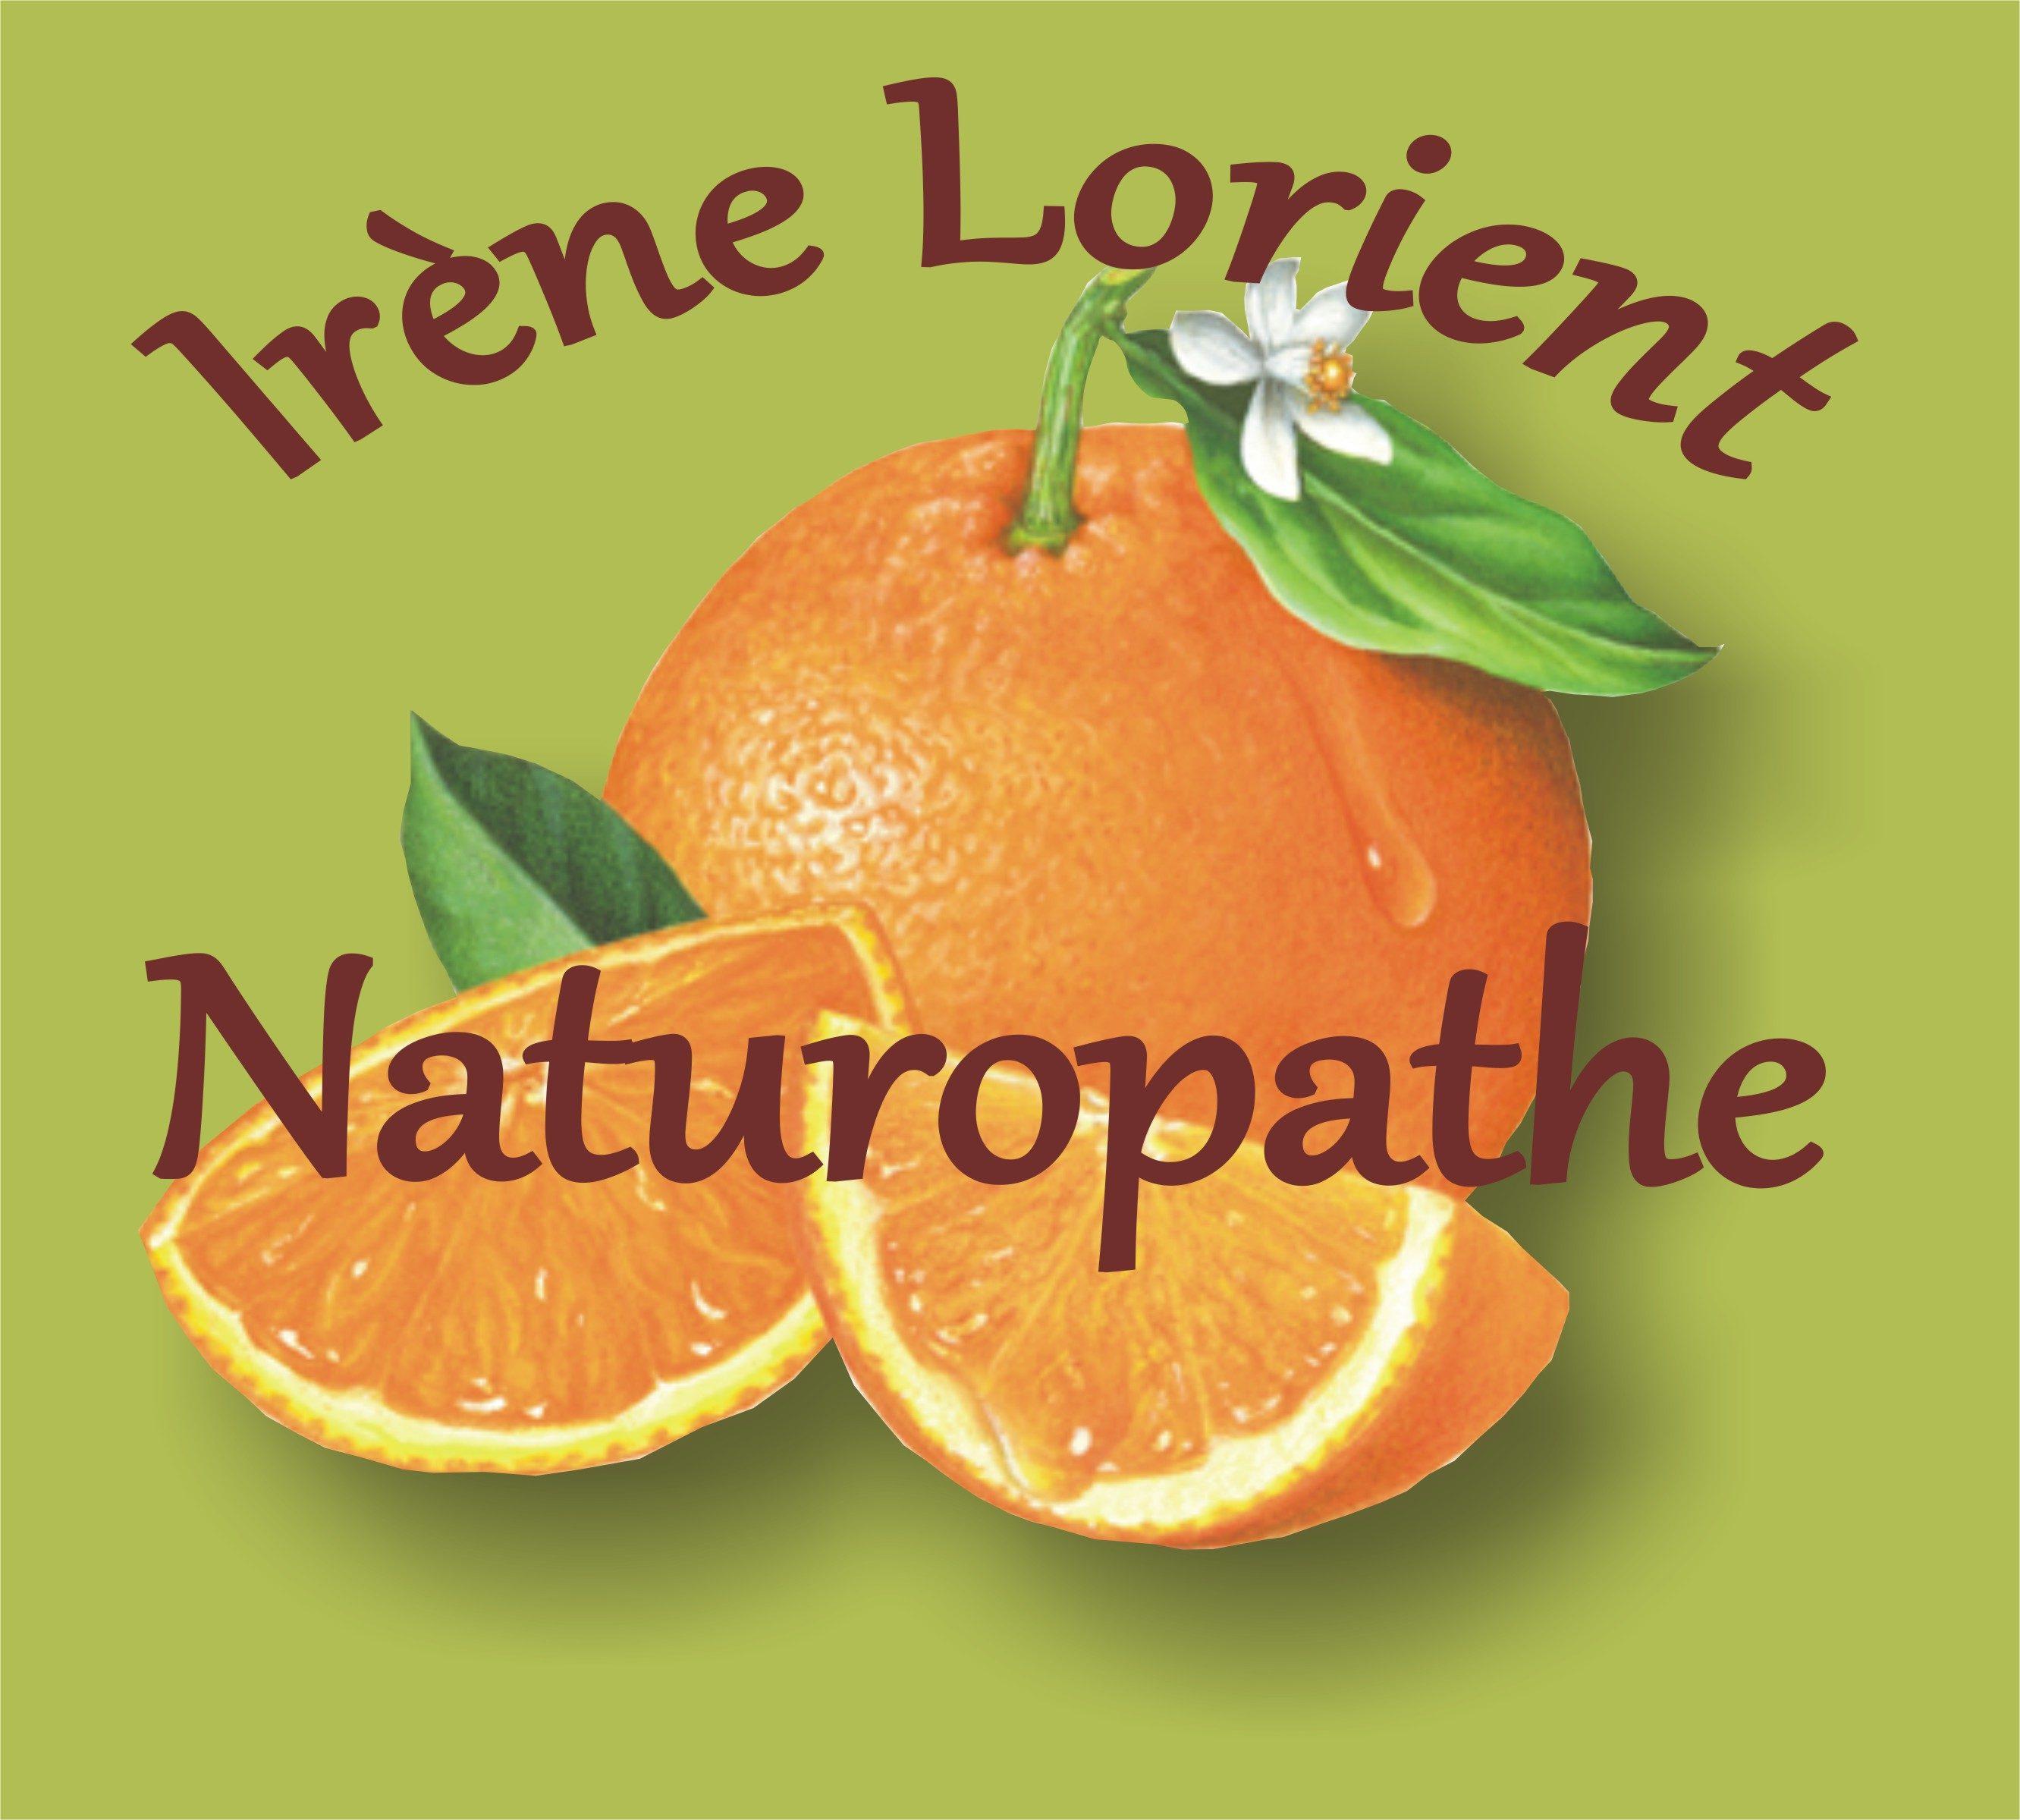 Irène Lorient, Naturopathe